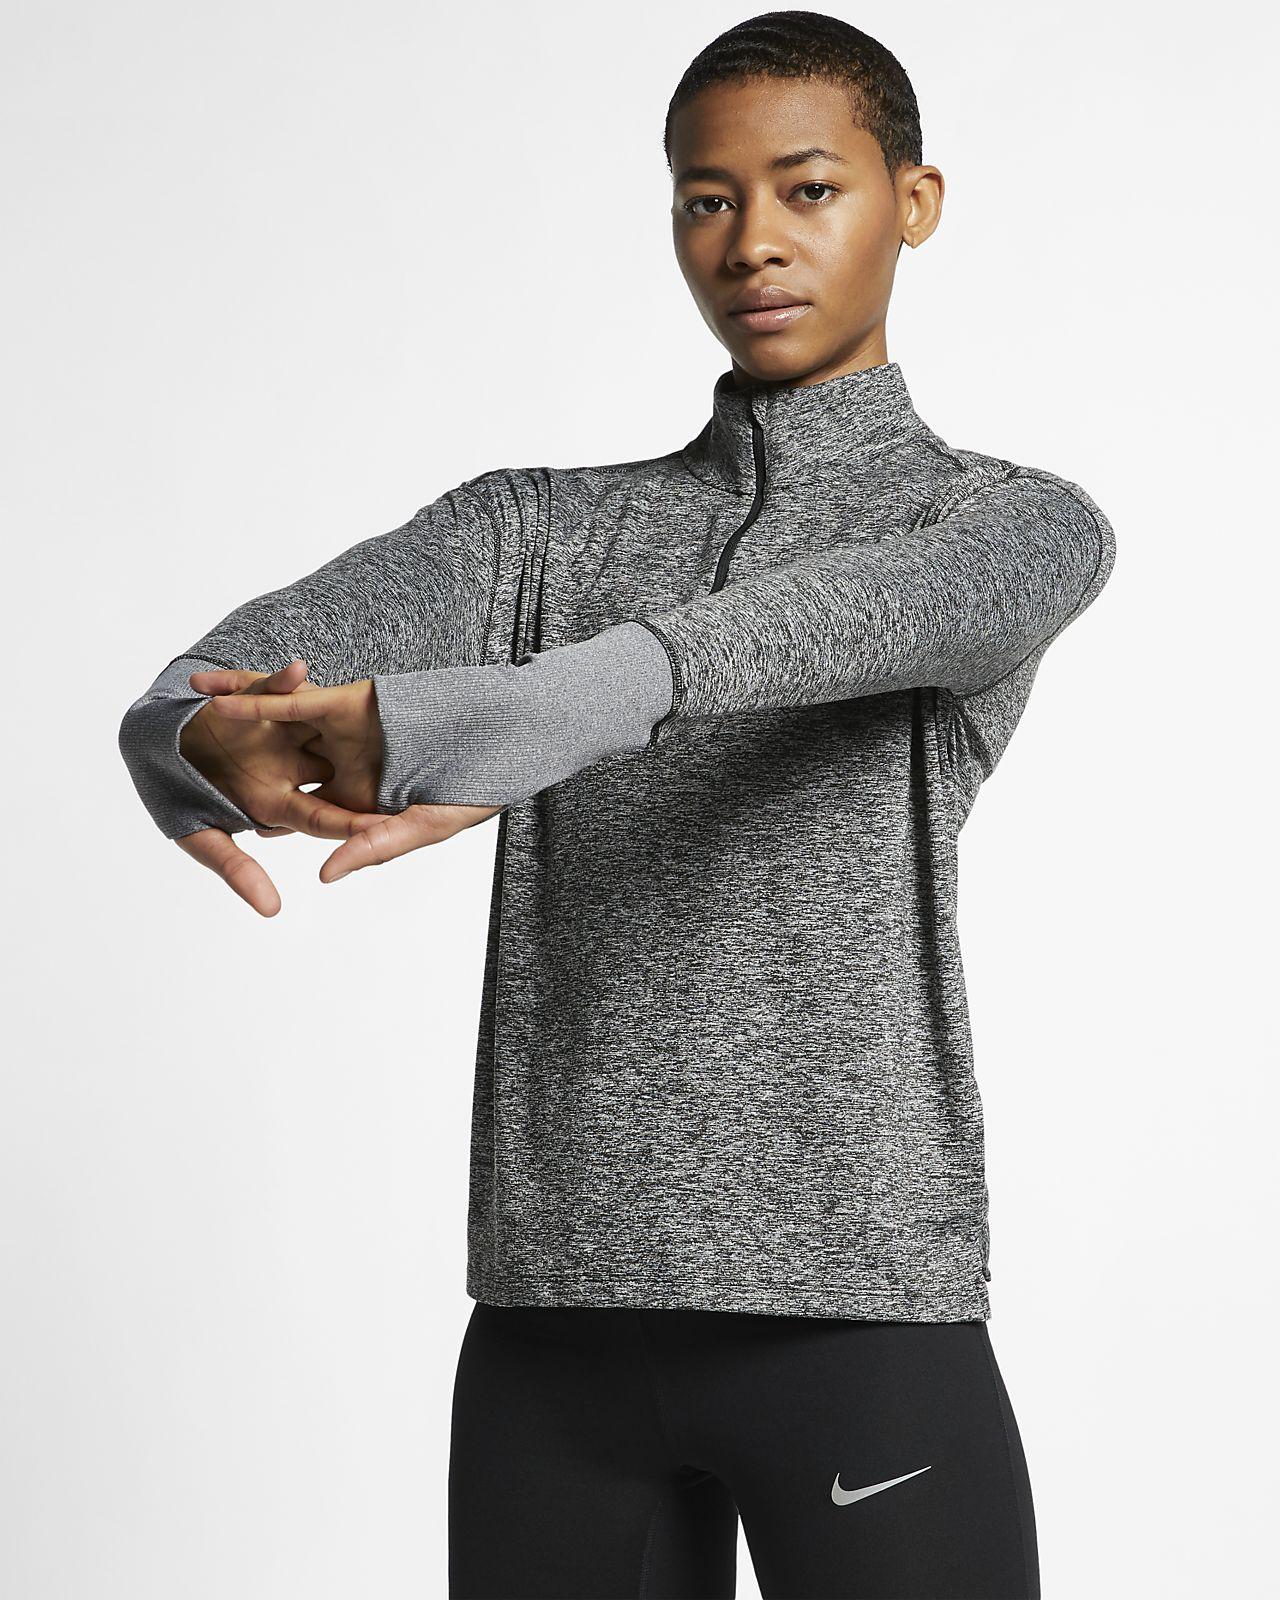 เสื้อวิ่งซิปสั้นผู้หญิง Nike Element